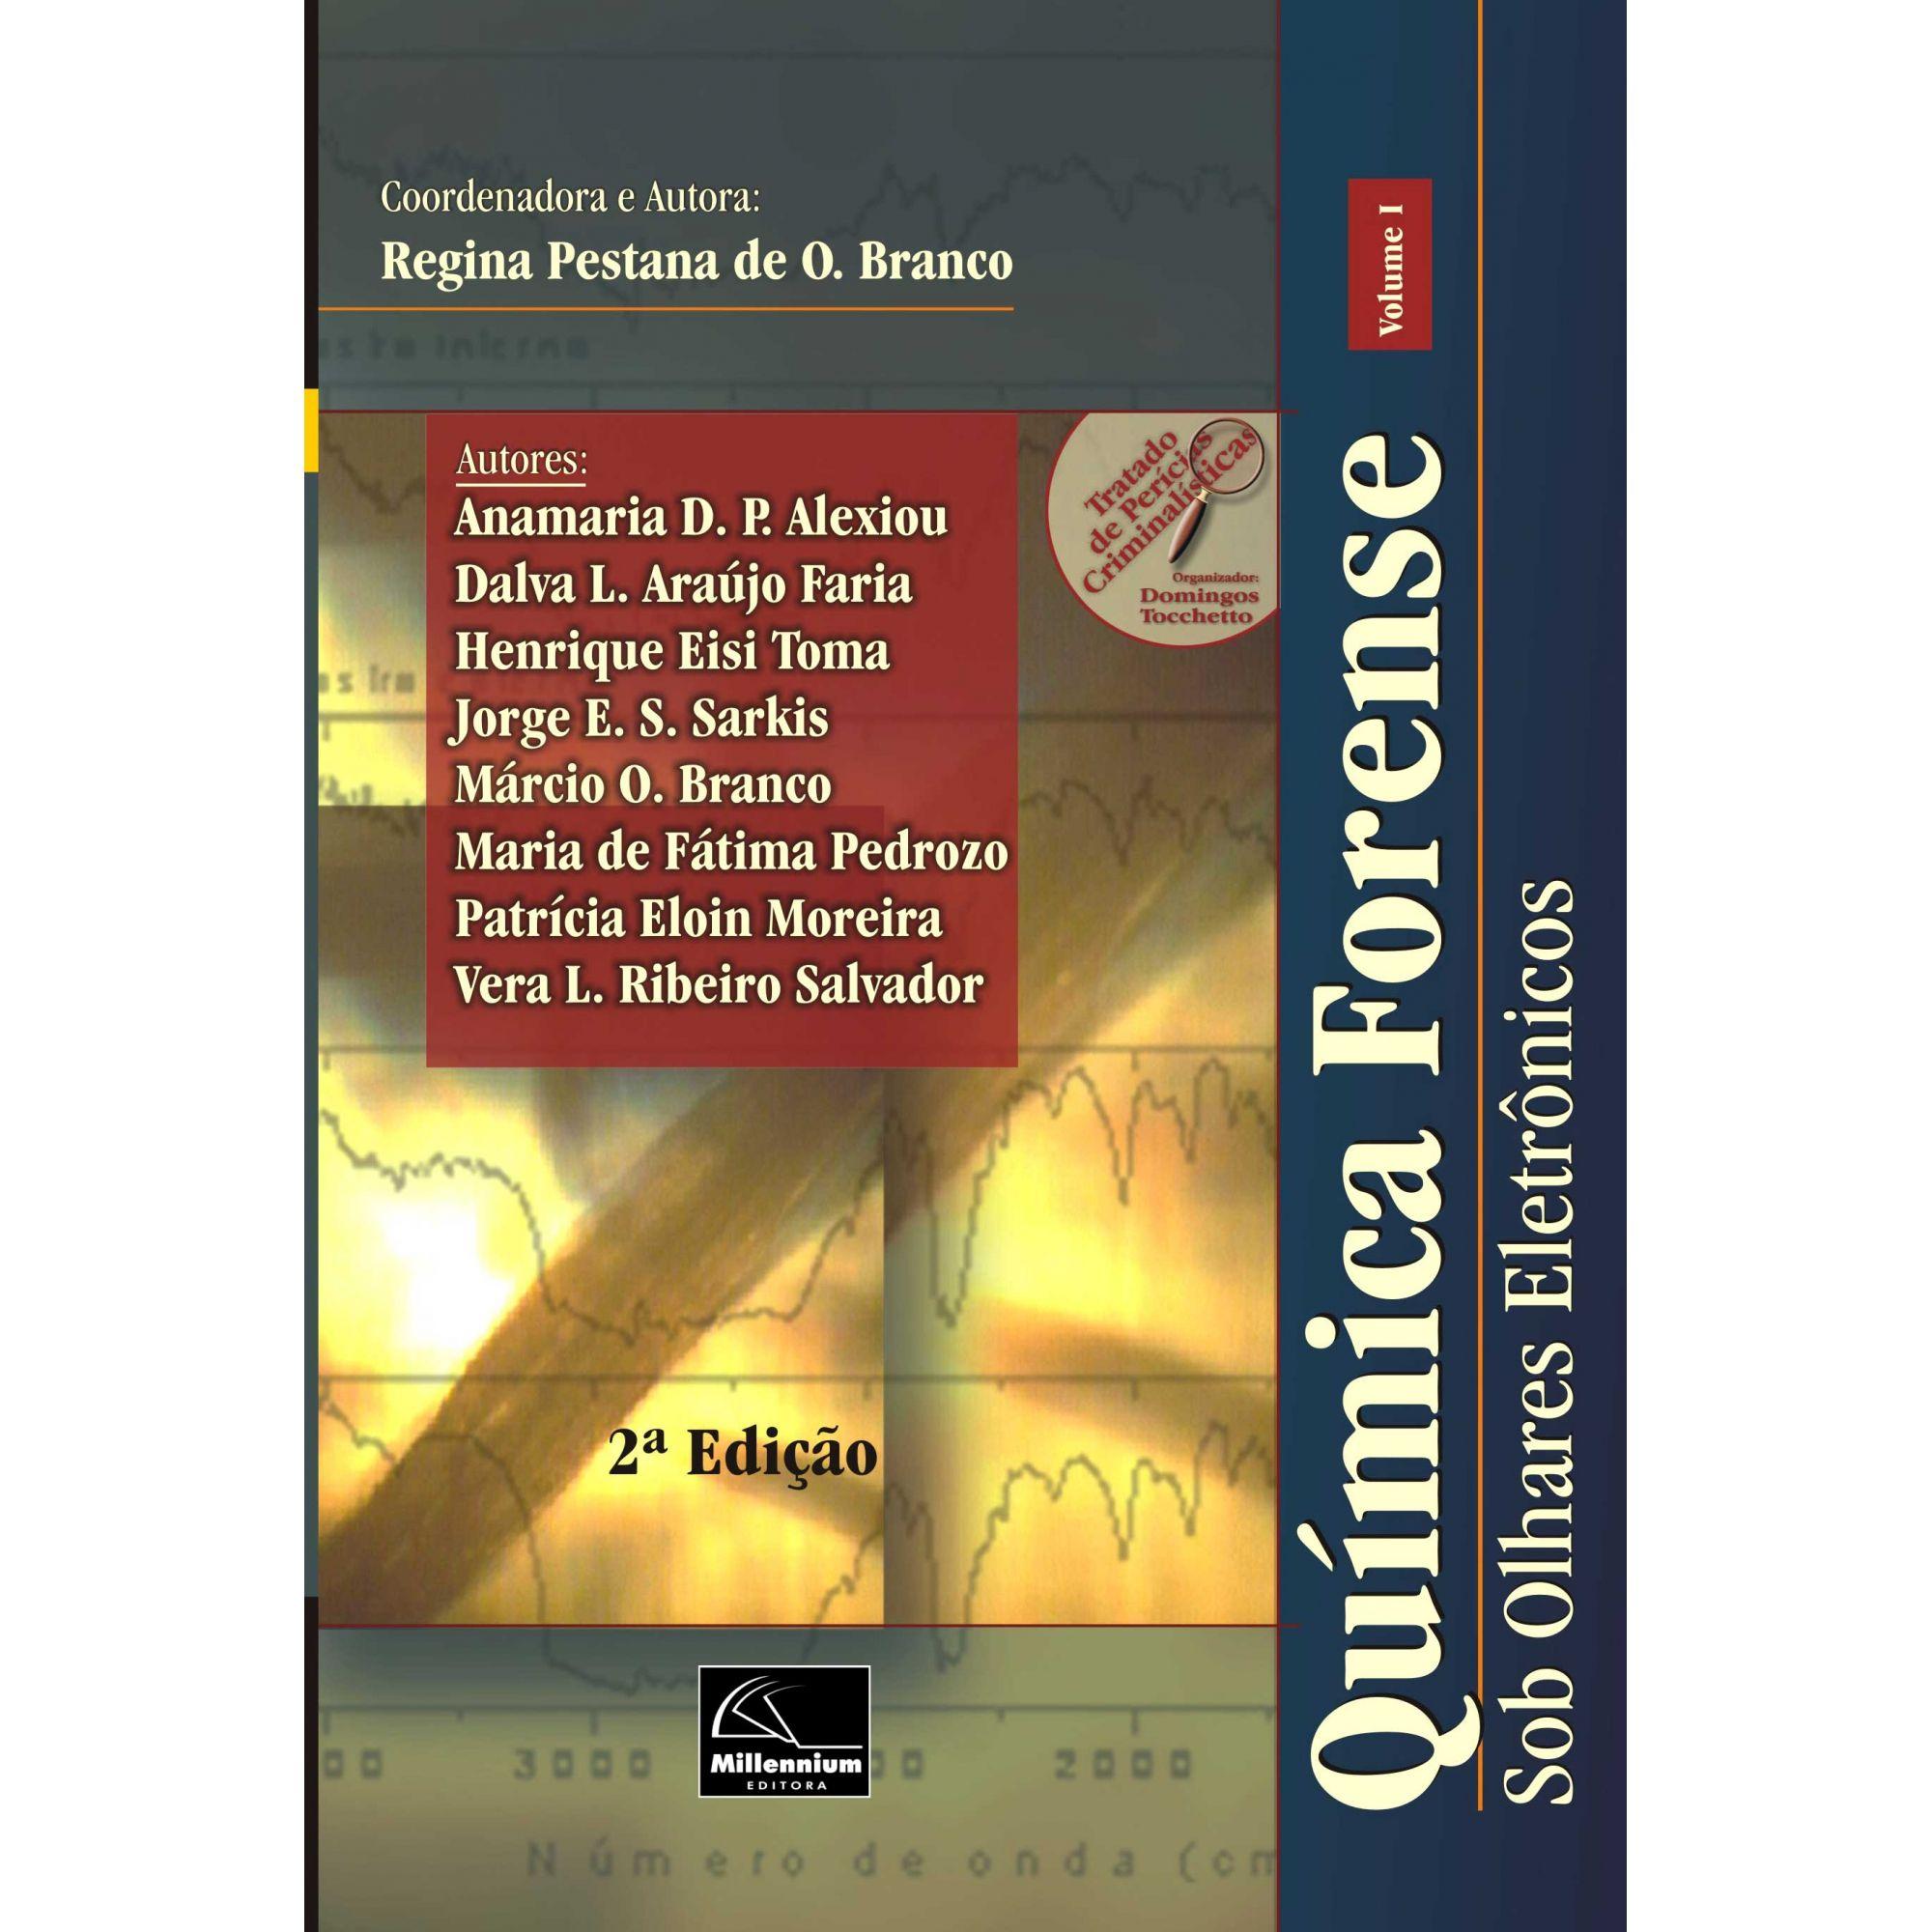 Química Forense – Sob Olhares Eletrônicos – Volume I 2ª Edição  <b>Coordenadora: Regina do Carmo Pestana de O. Branco</b>  - Millennium Editora - Livros de Perícia